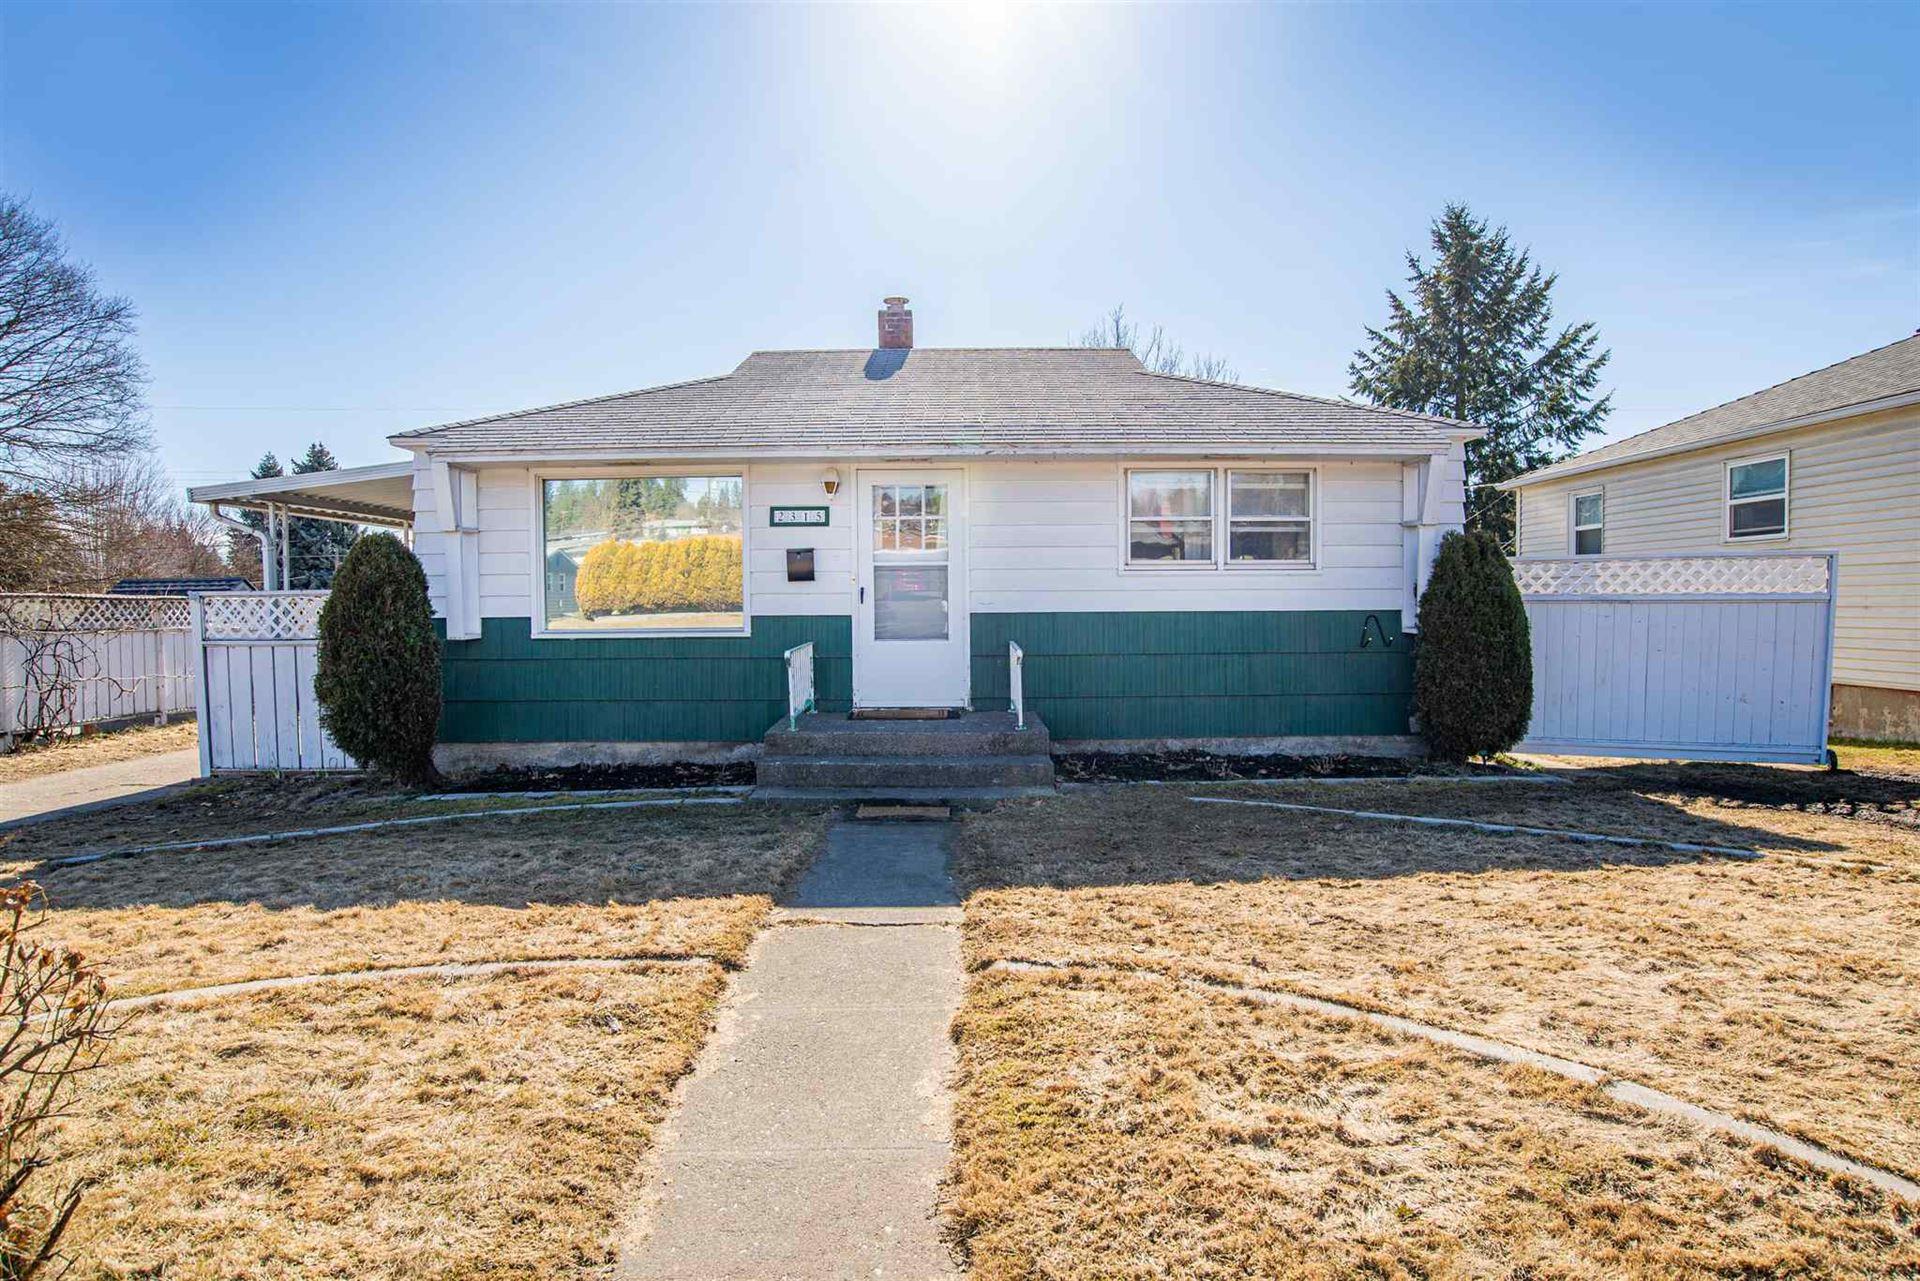 2315 W Francis Ave, Spokane, WA 99205 - #: 202112000